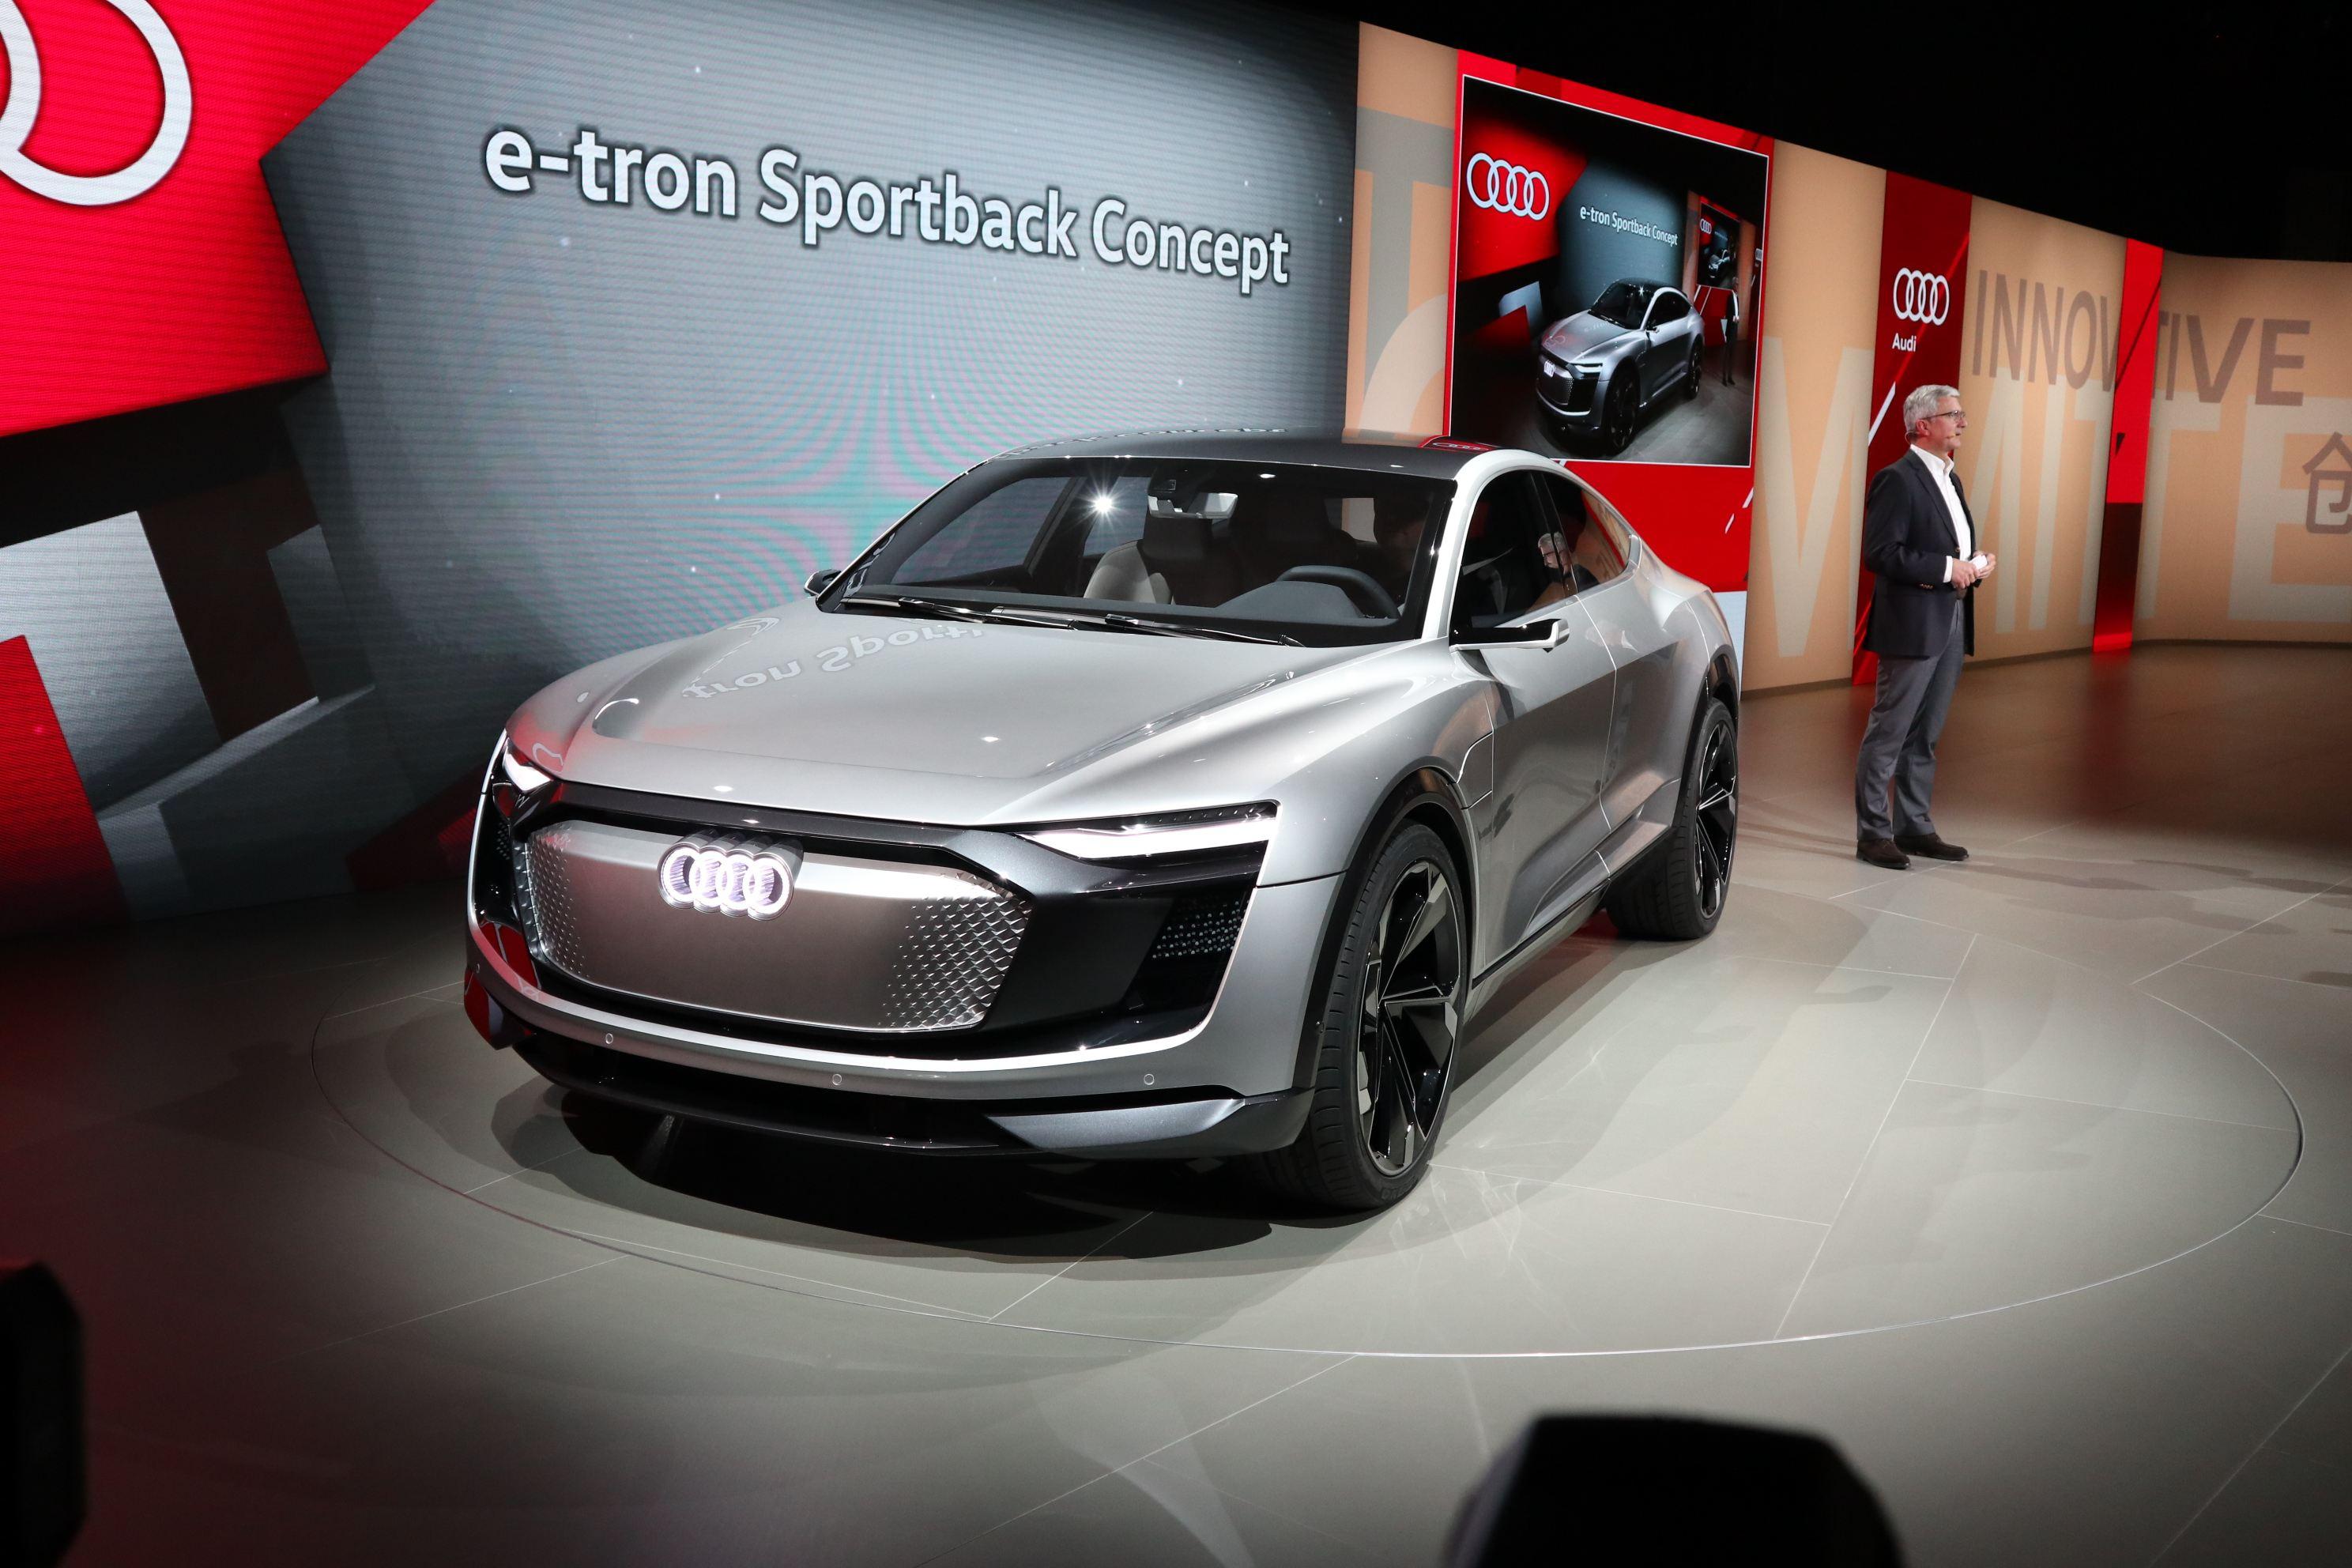 奥迪e-tron Sportback概念车图解 2019年量产/定位跨界SUV